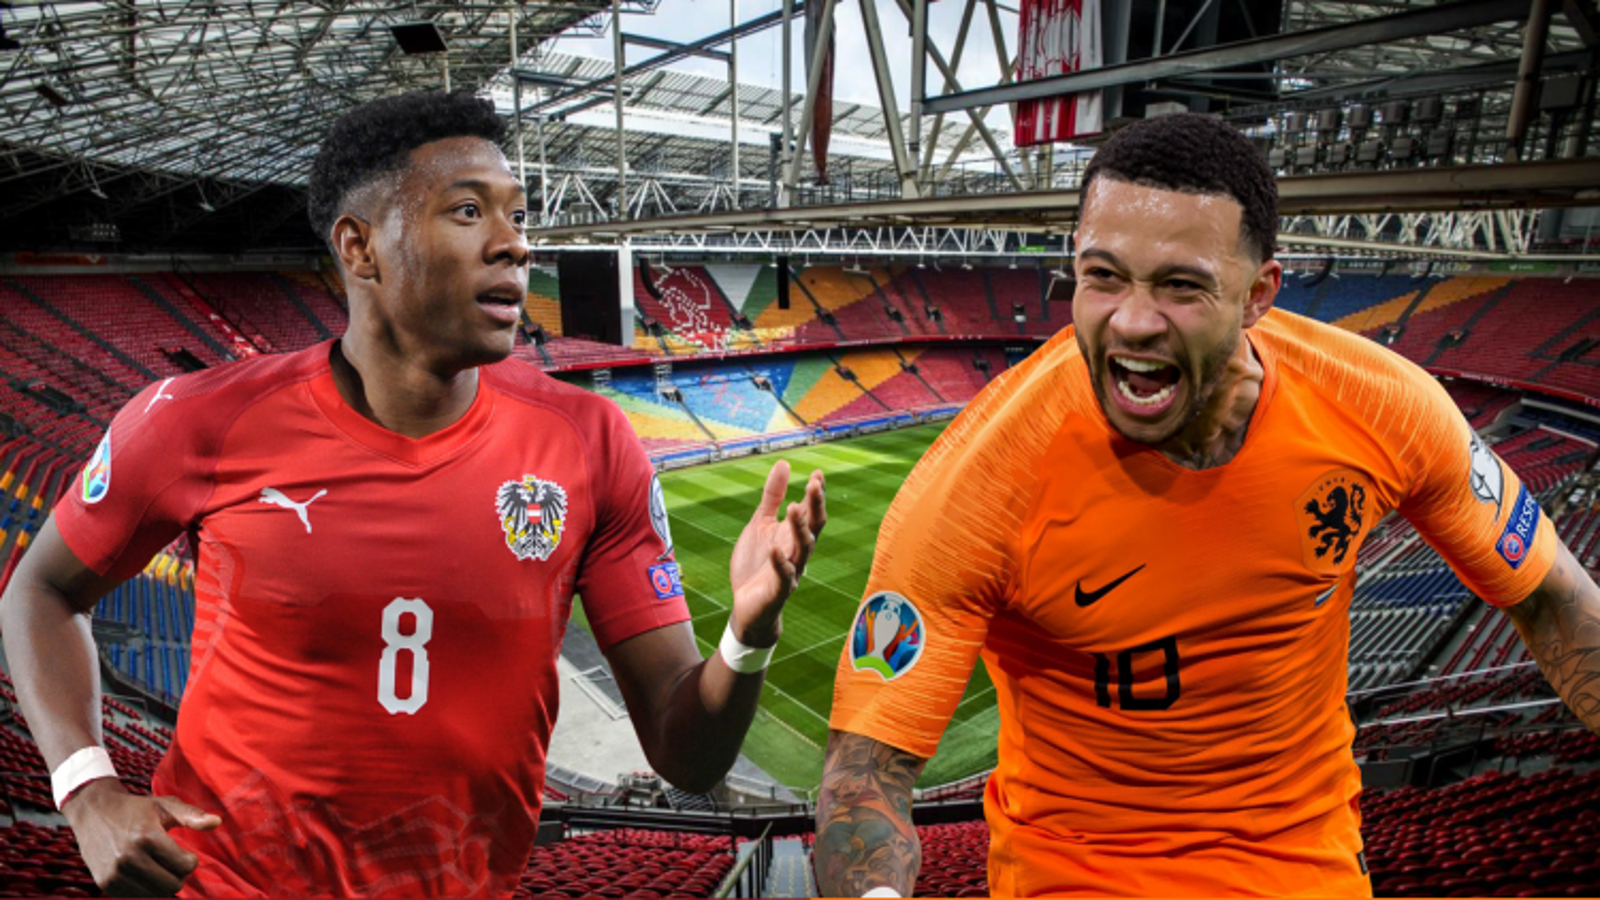 Dự đoán tỷ số, đội hình xuất phát trận Hà Lan - Áo